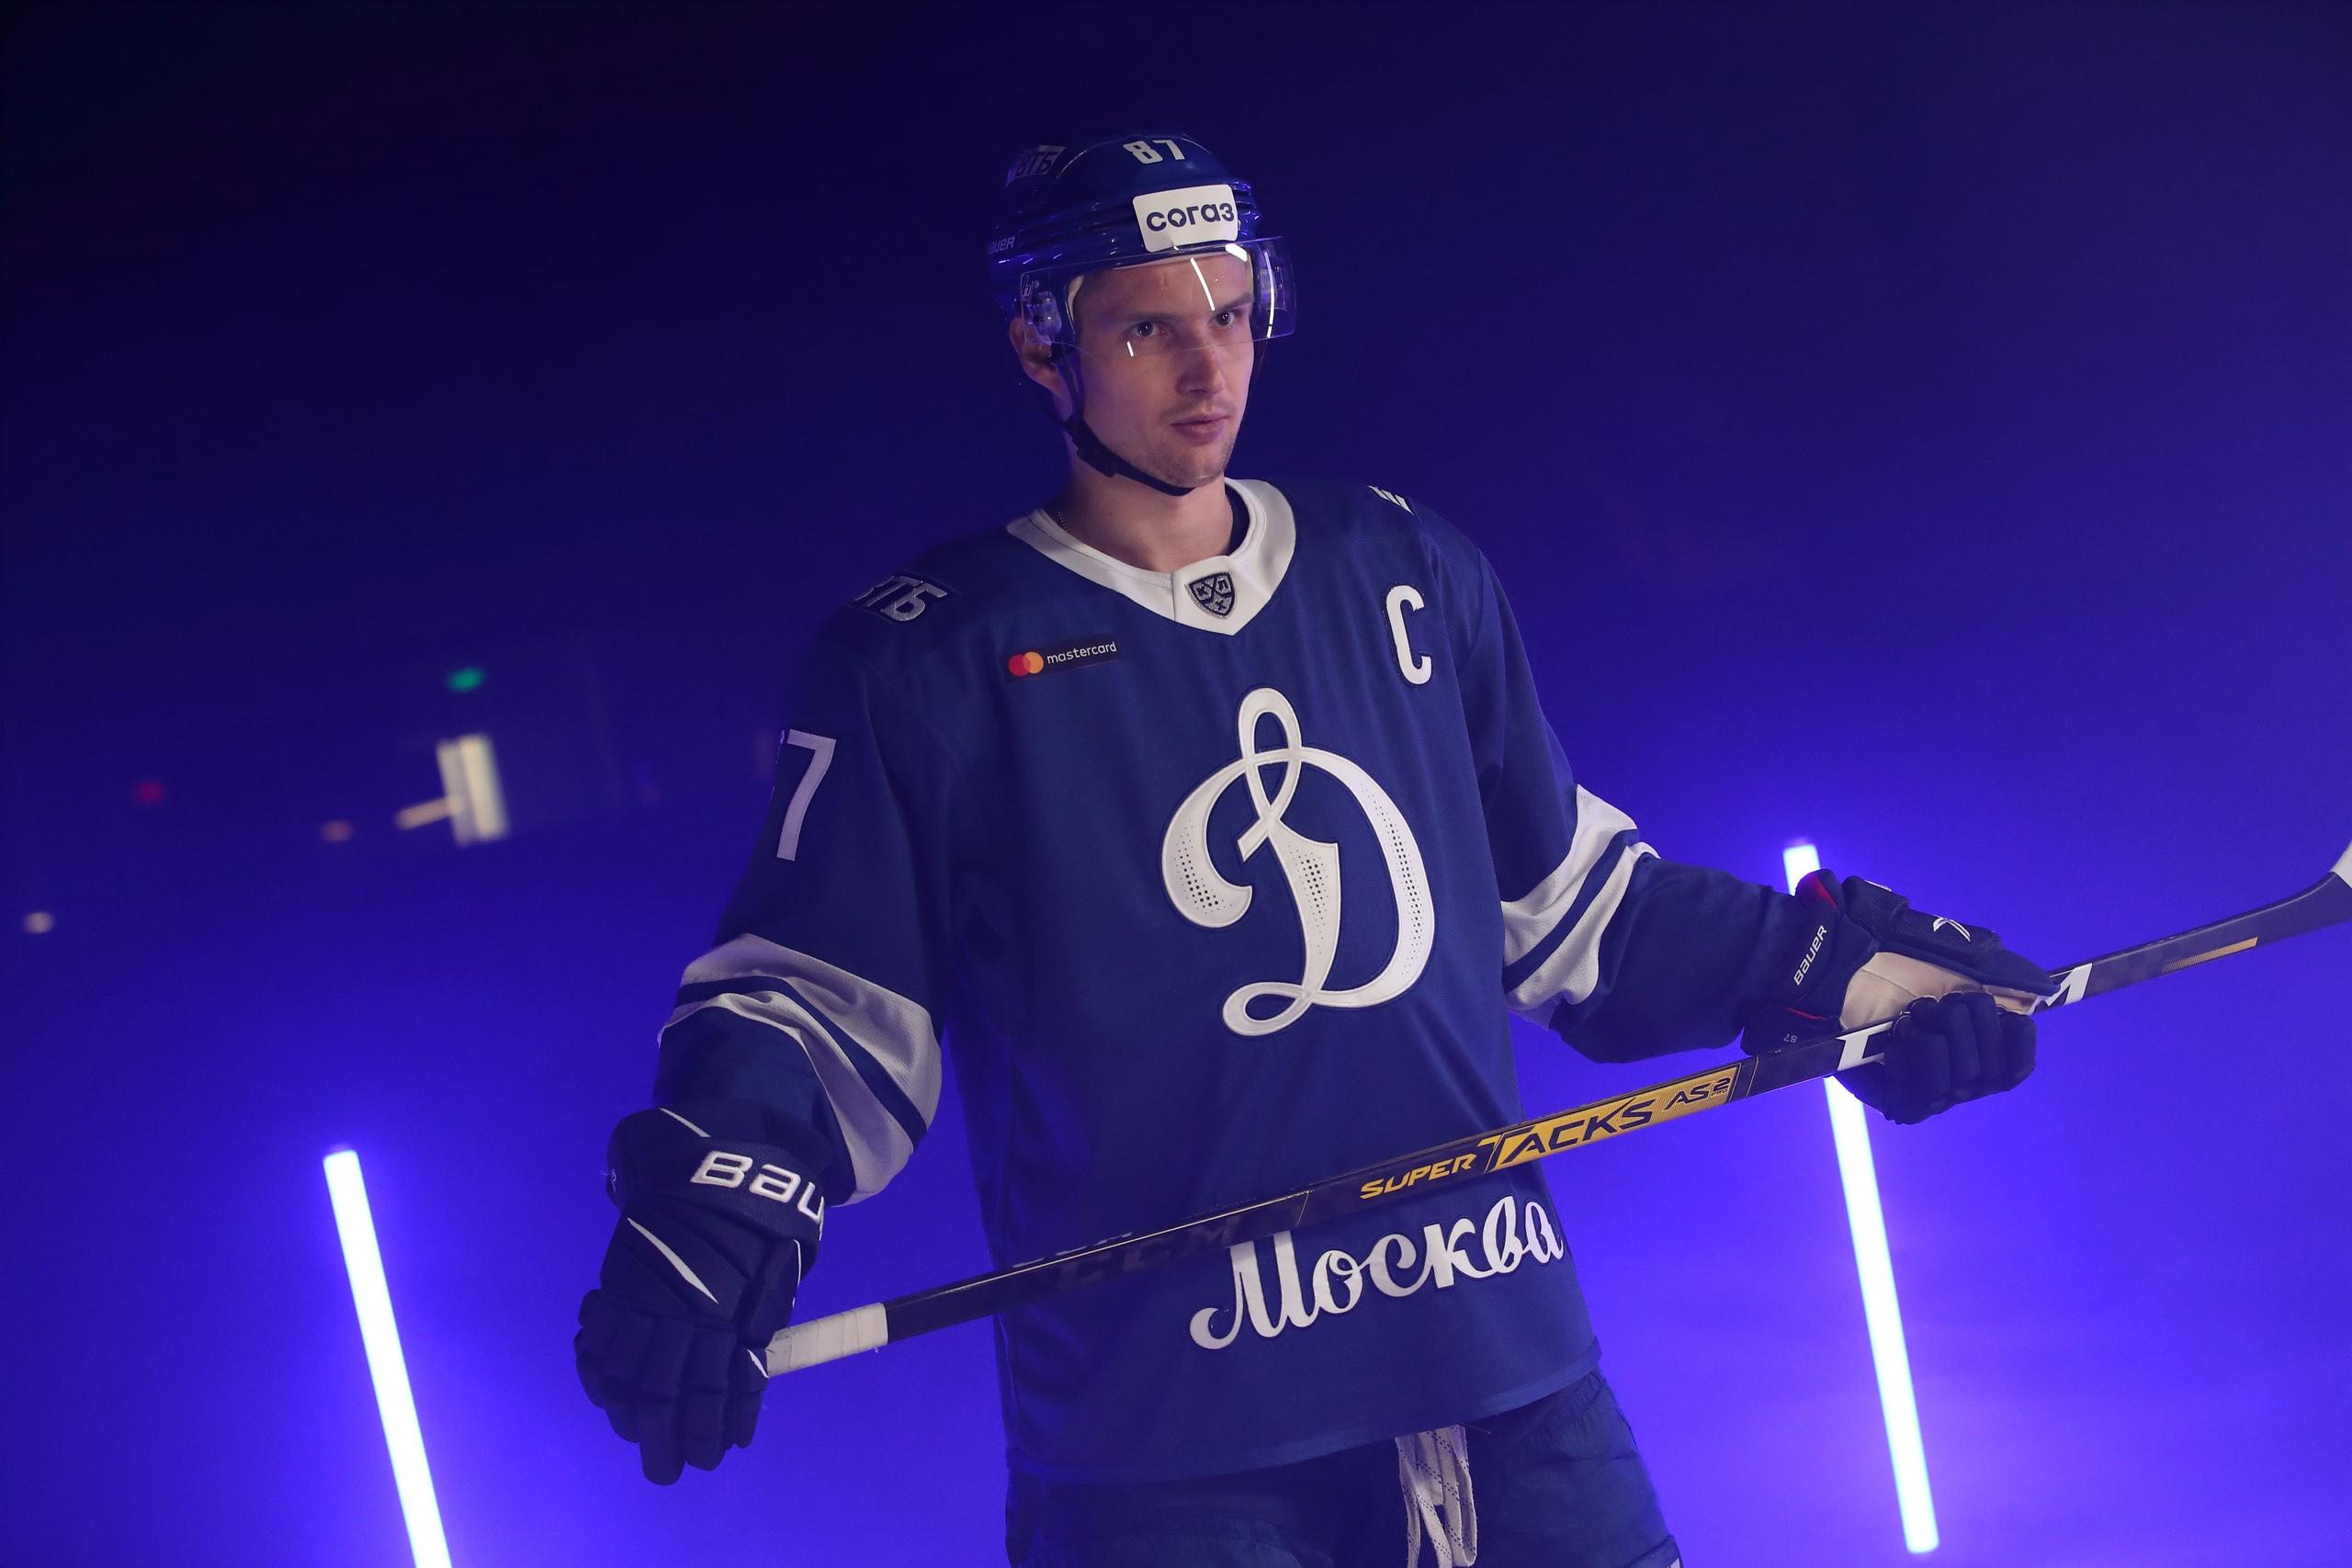 Динамо хоккейный клуб москва картинки ночной клуб онлайн torrent tv